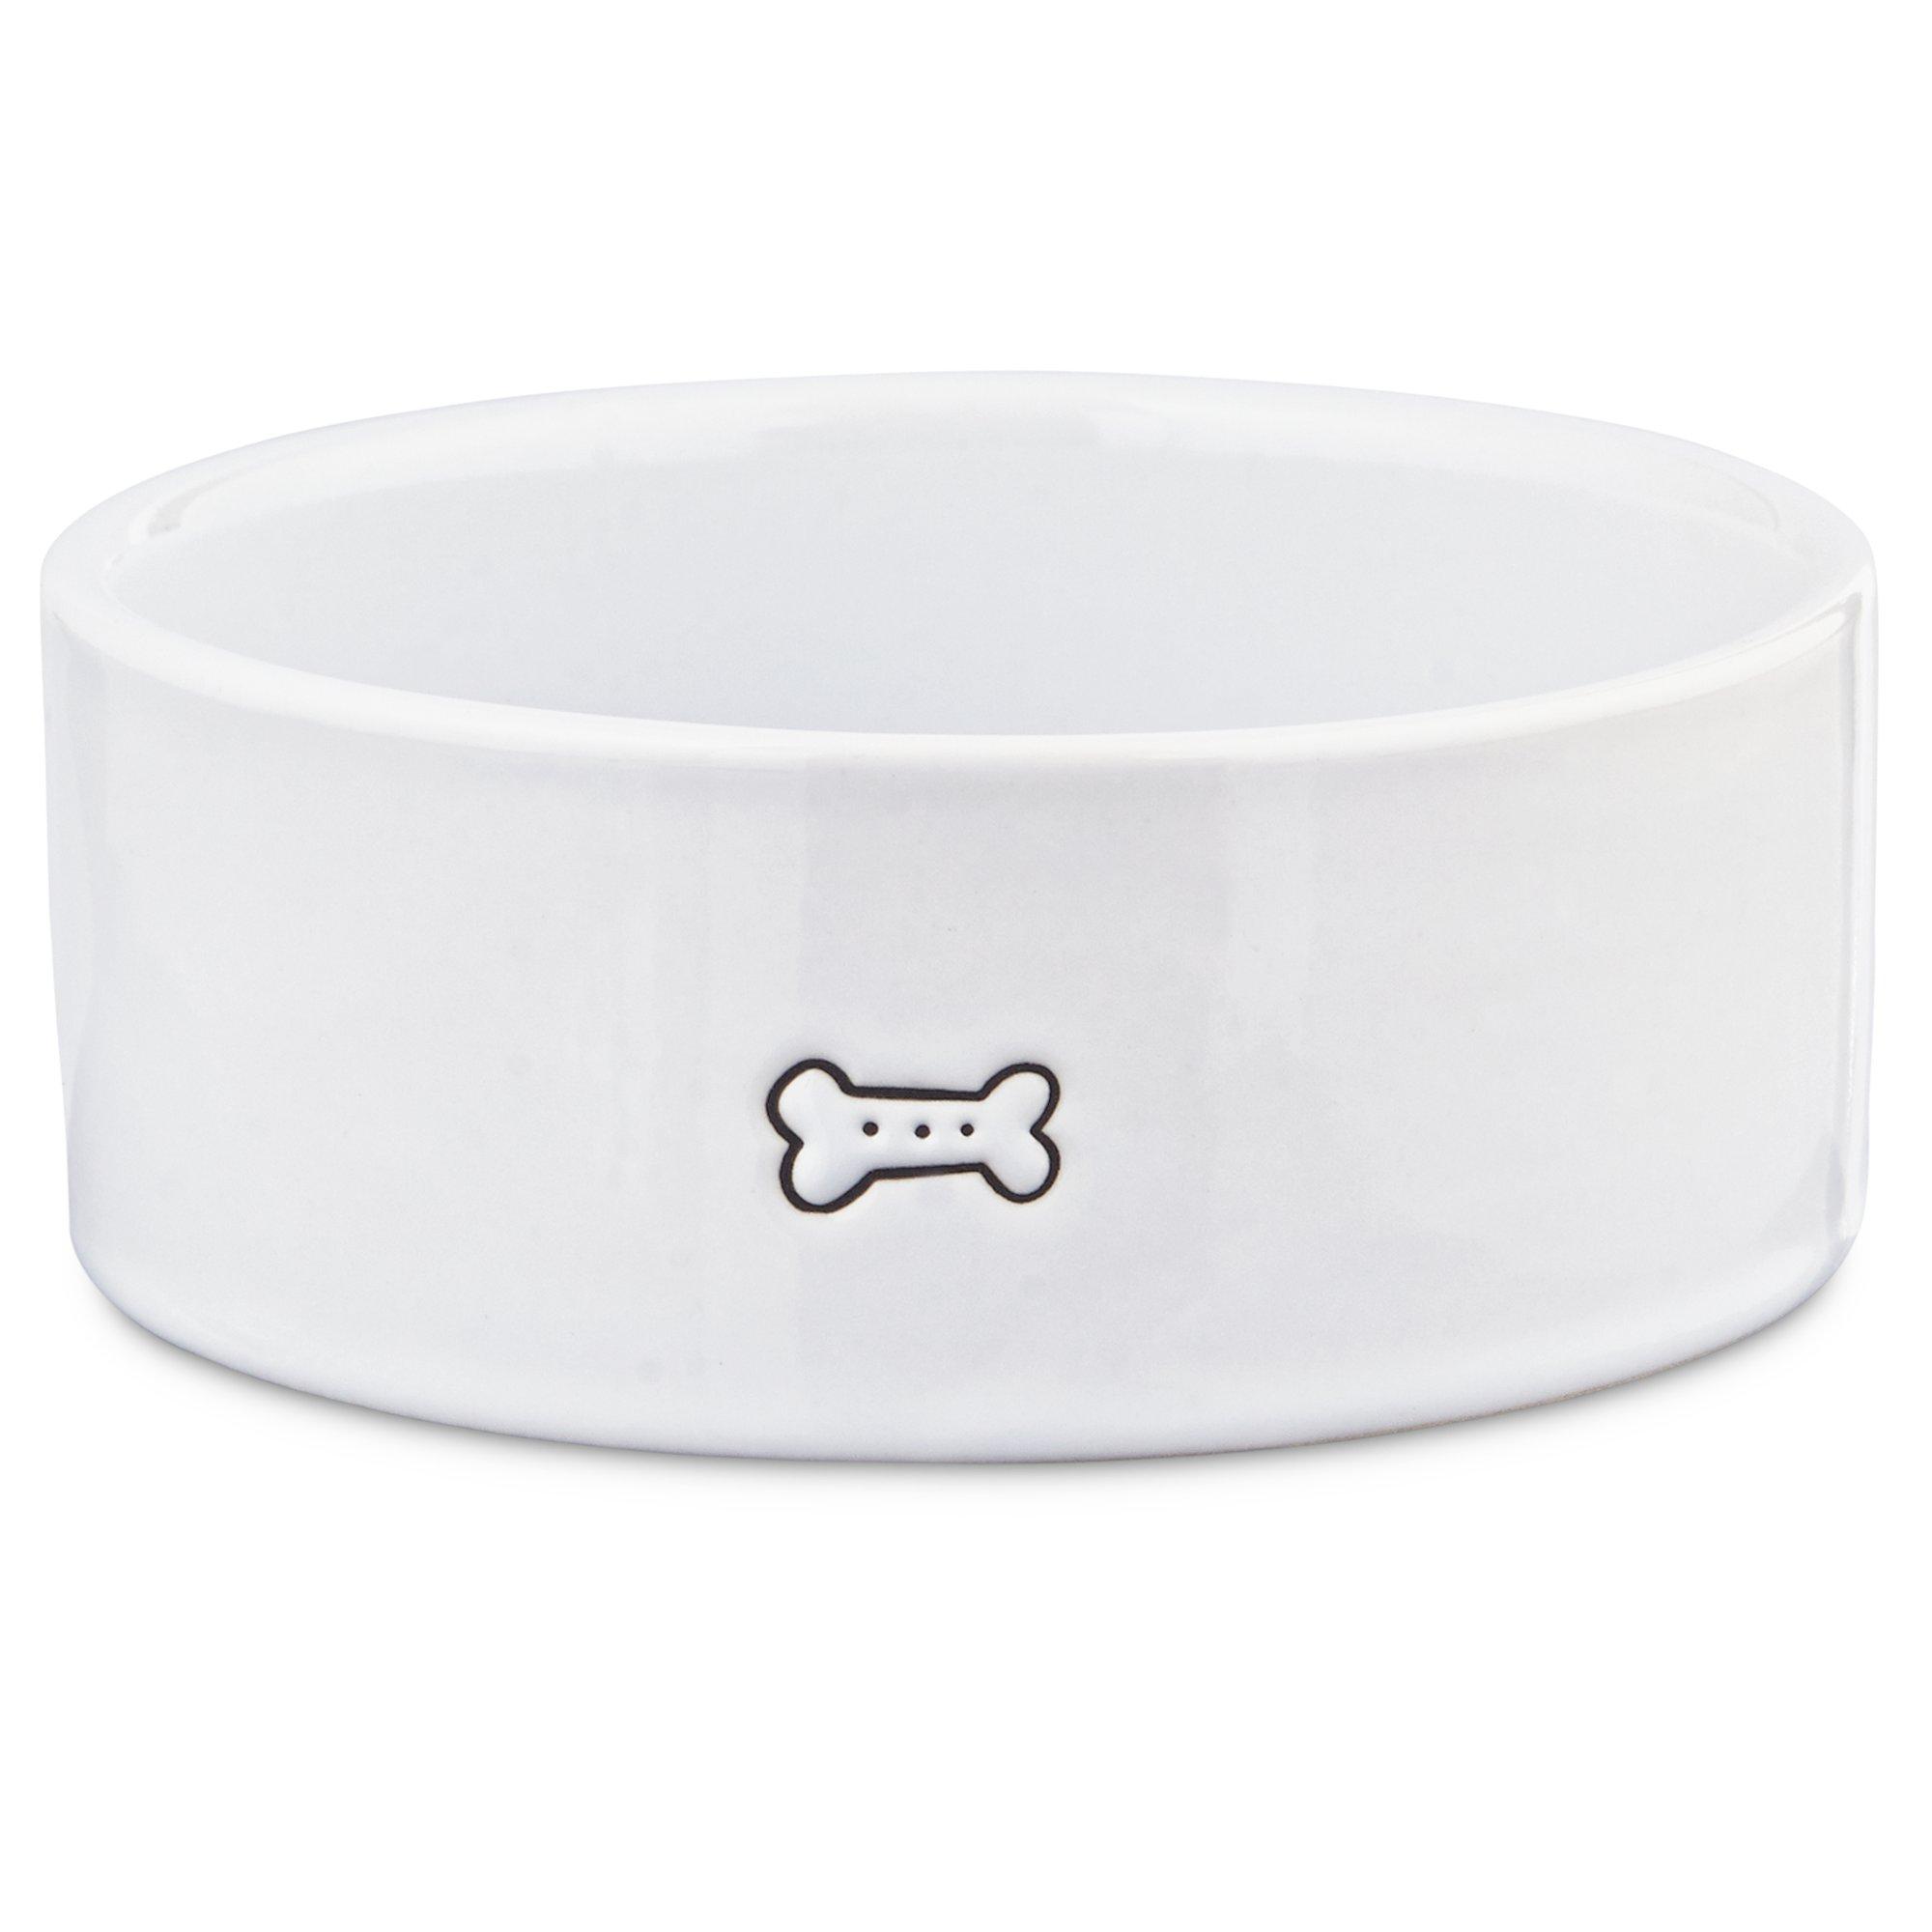 Small Ceramic Dog Bowls